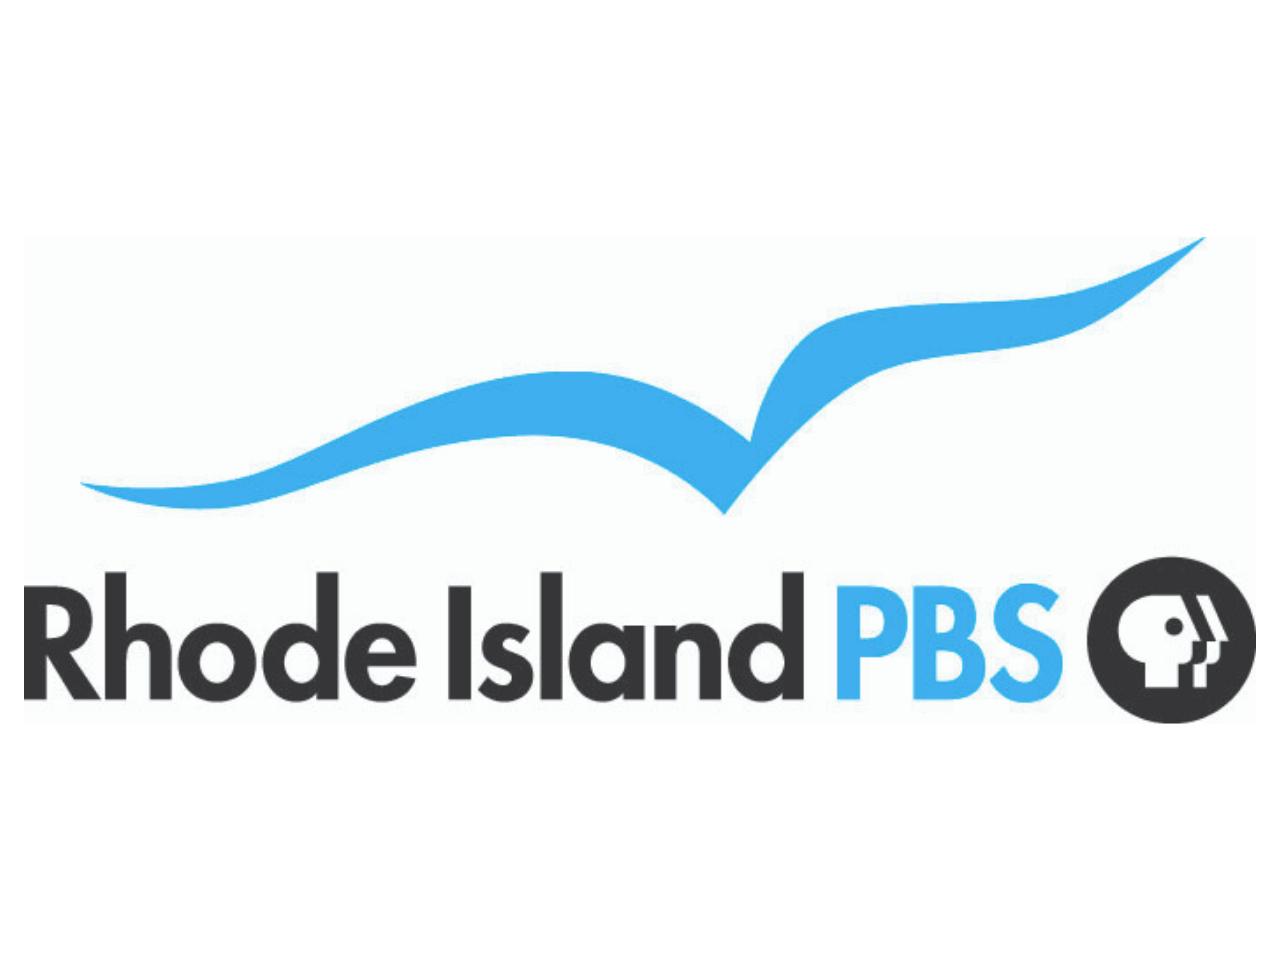 RI PBS